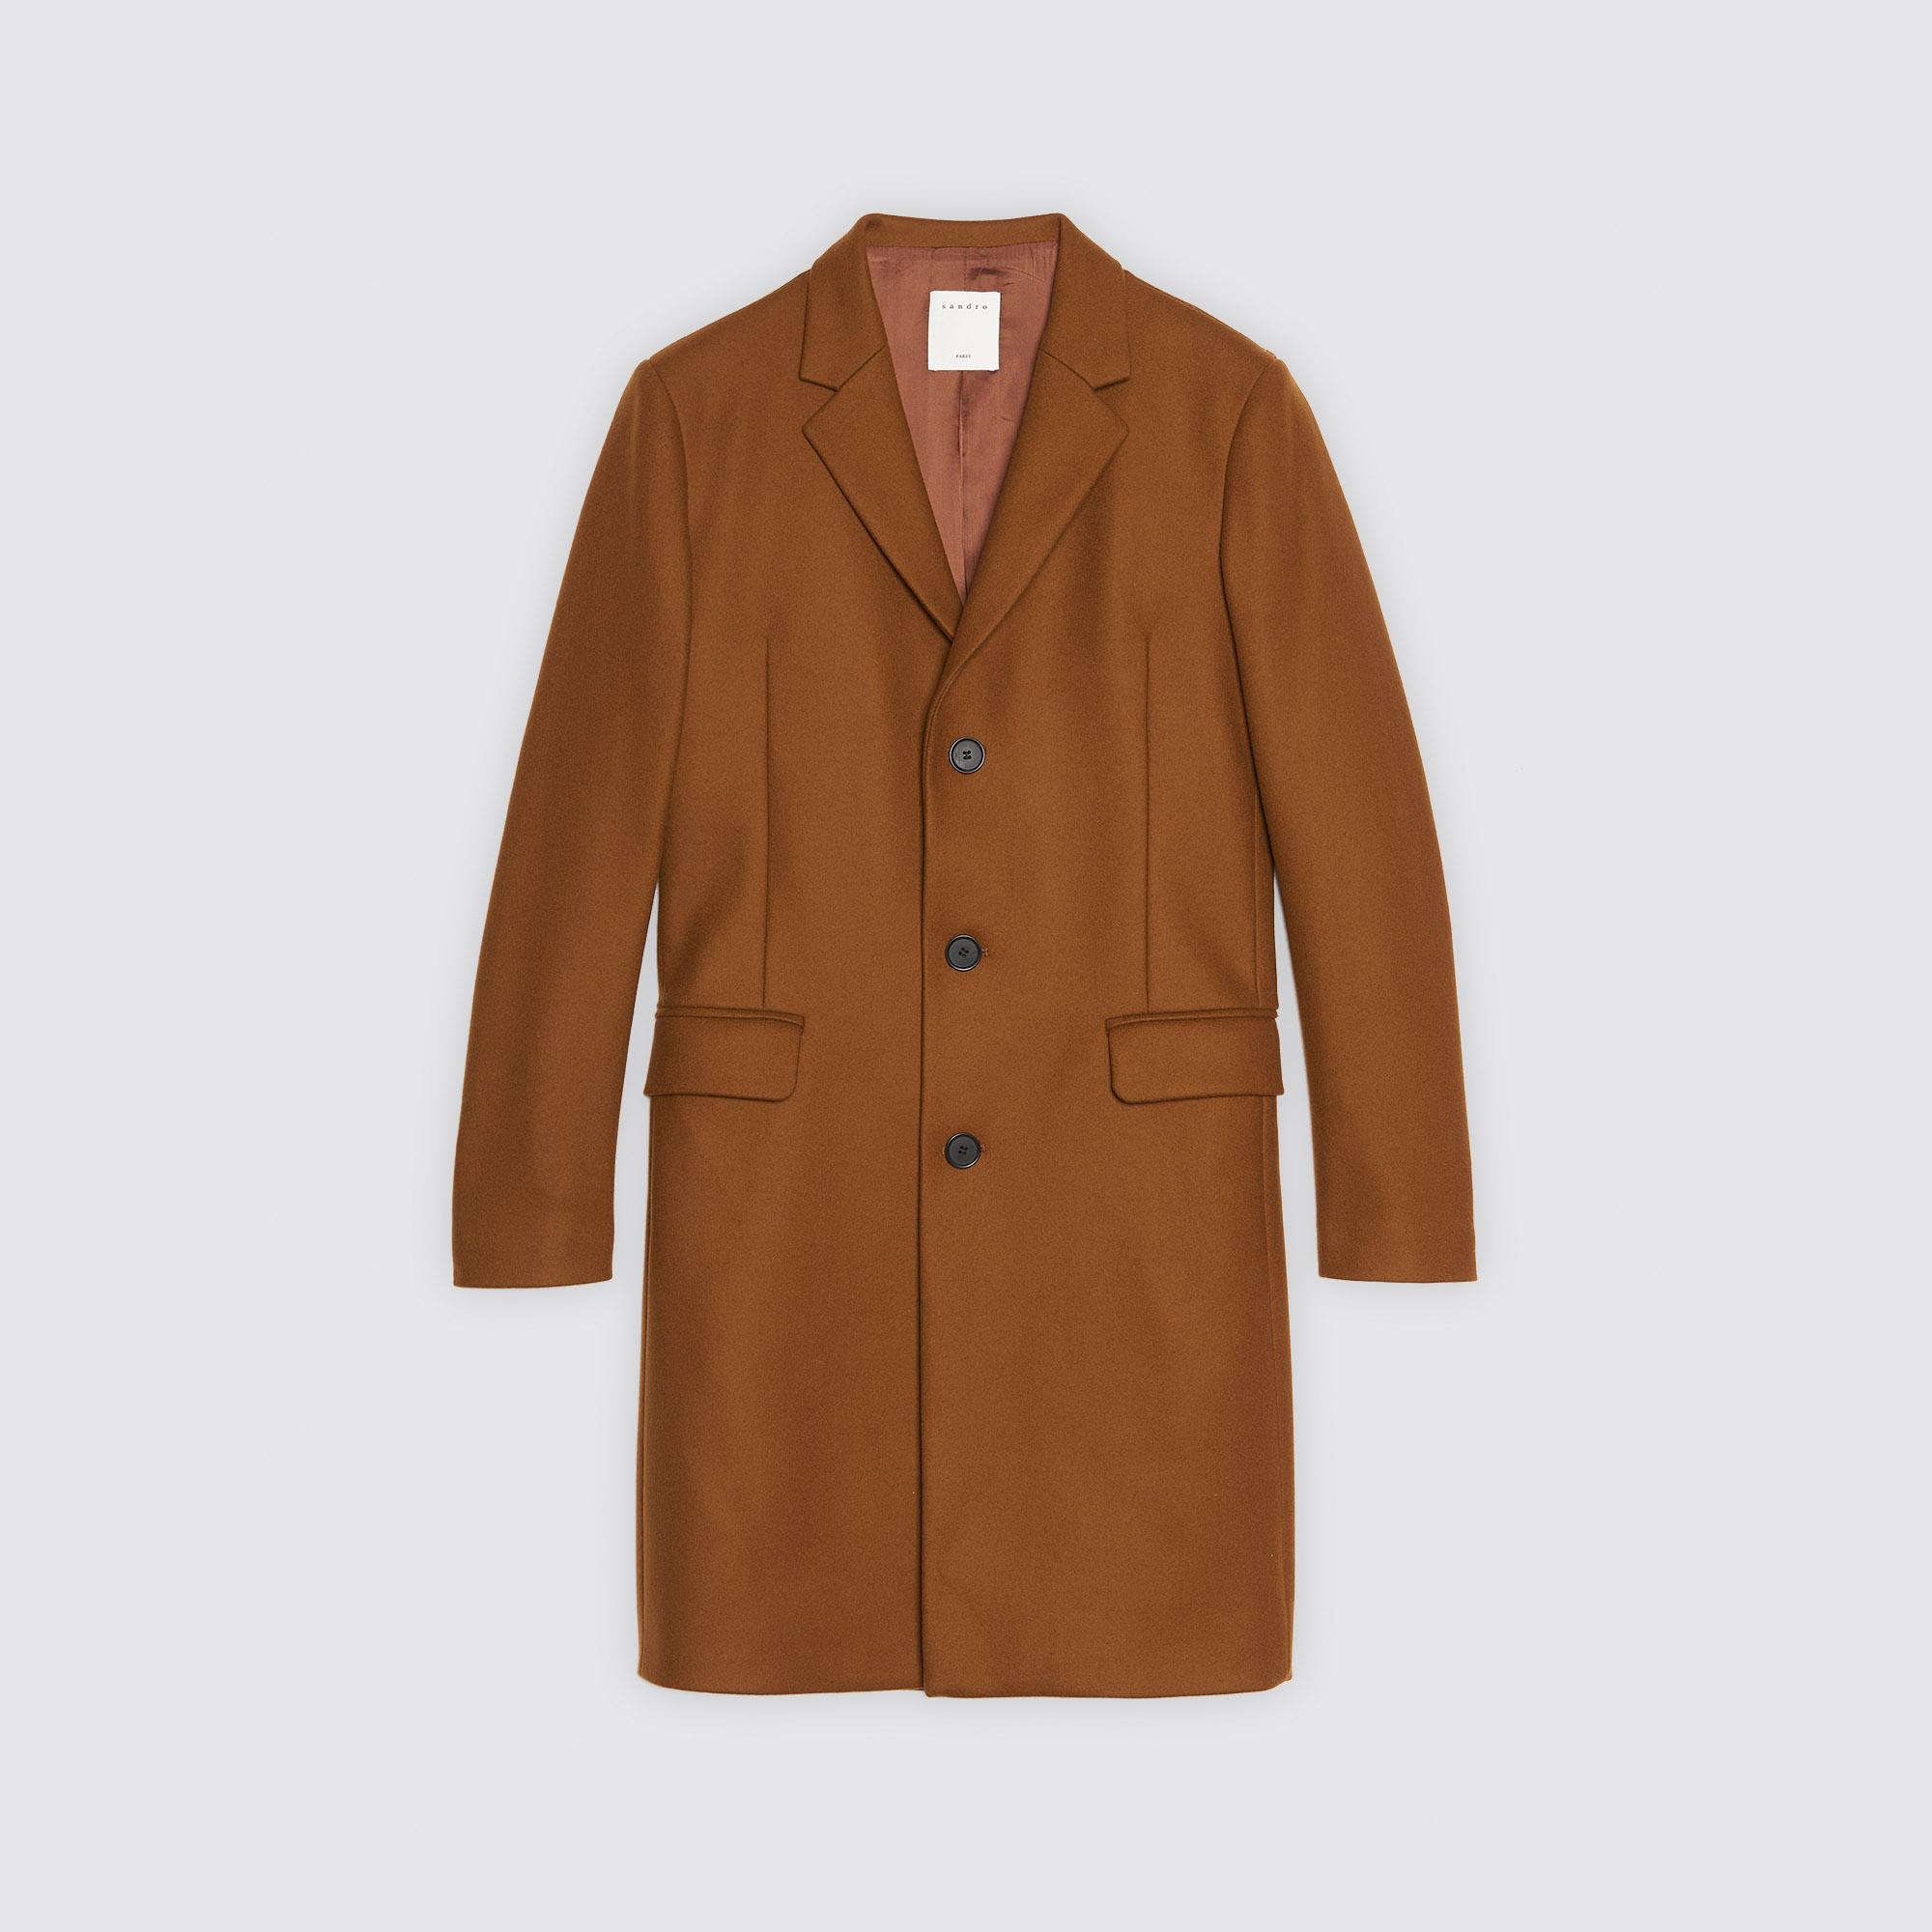 Manteau femme couleur cognac